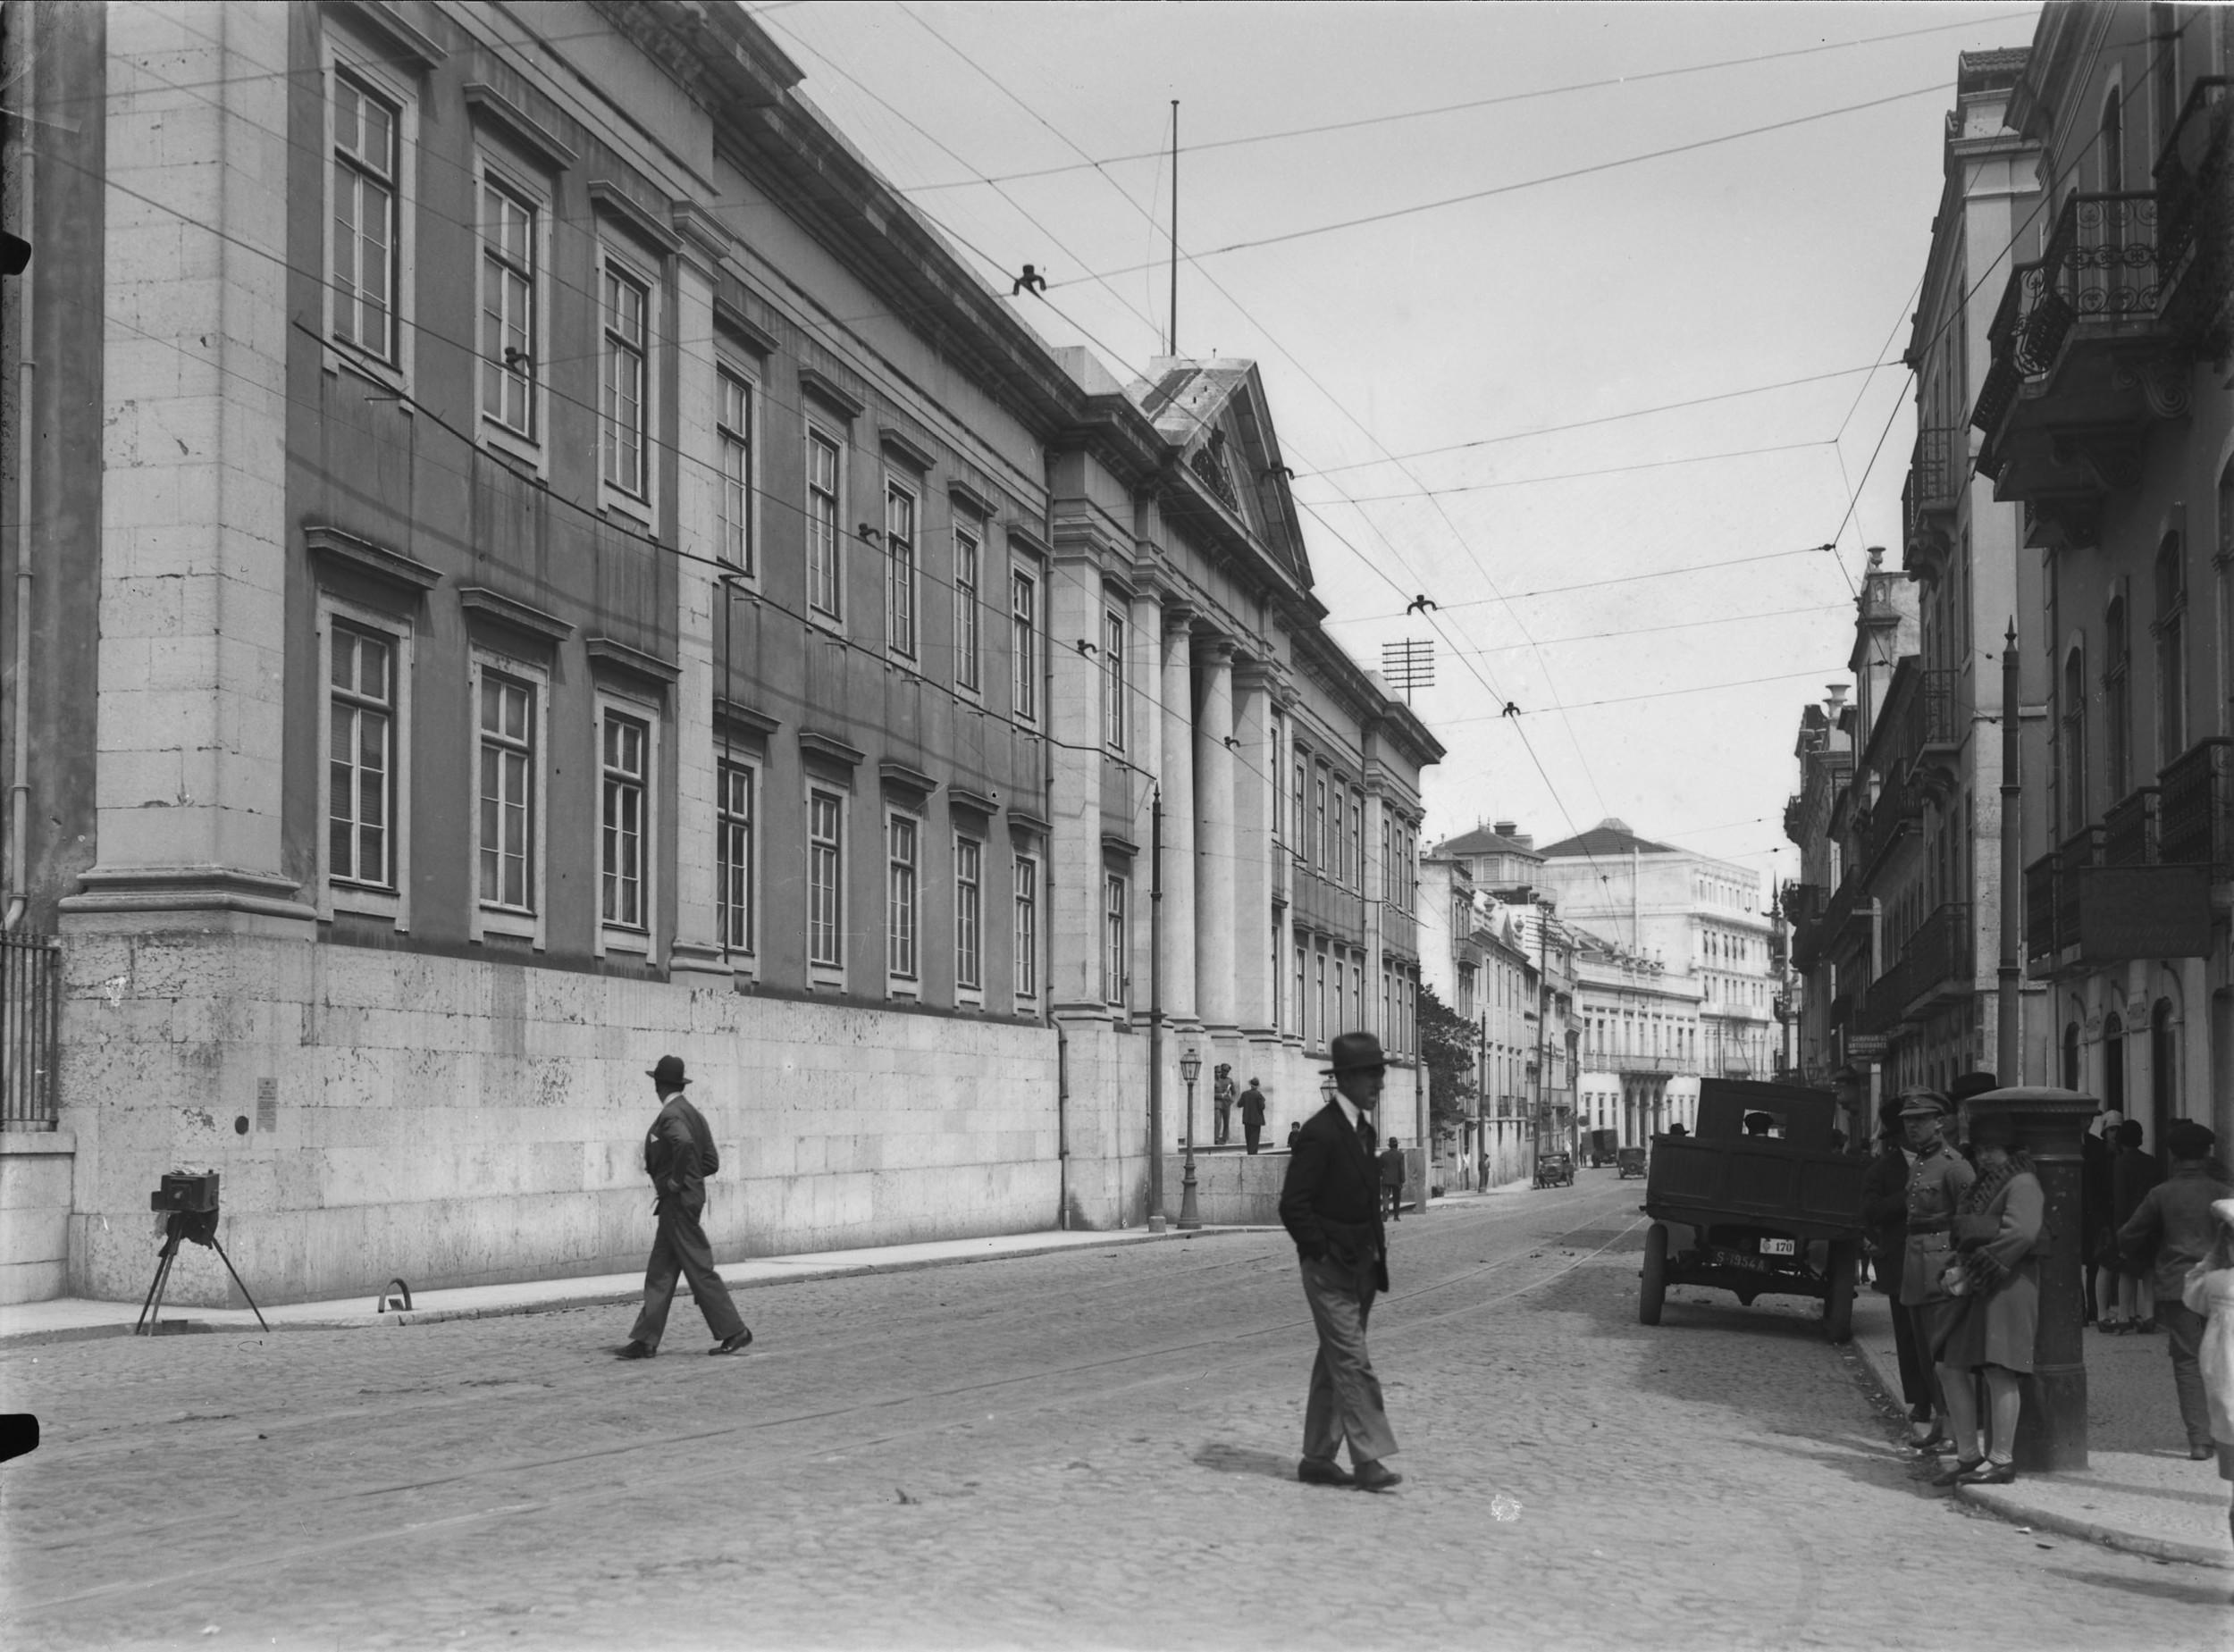 Instituto Superior Técnico, Lisbon  Photo: Mário Novais, ca. 1936-37, Lisbon  Biblioteca de Arte da Fundação Calouste Gulbenkian [CFT003_051858]